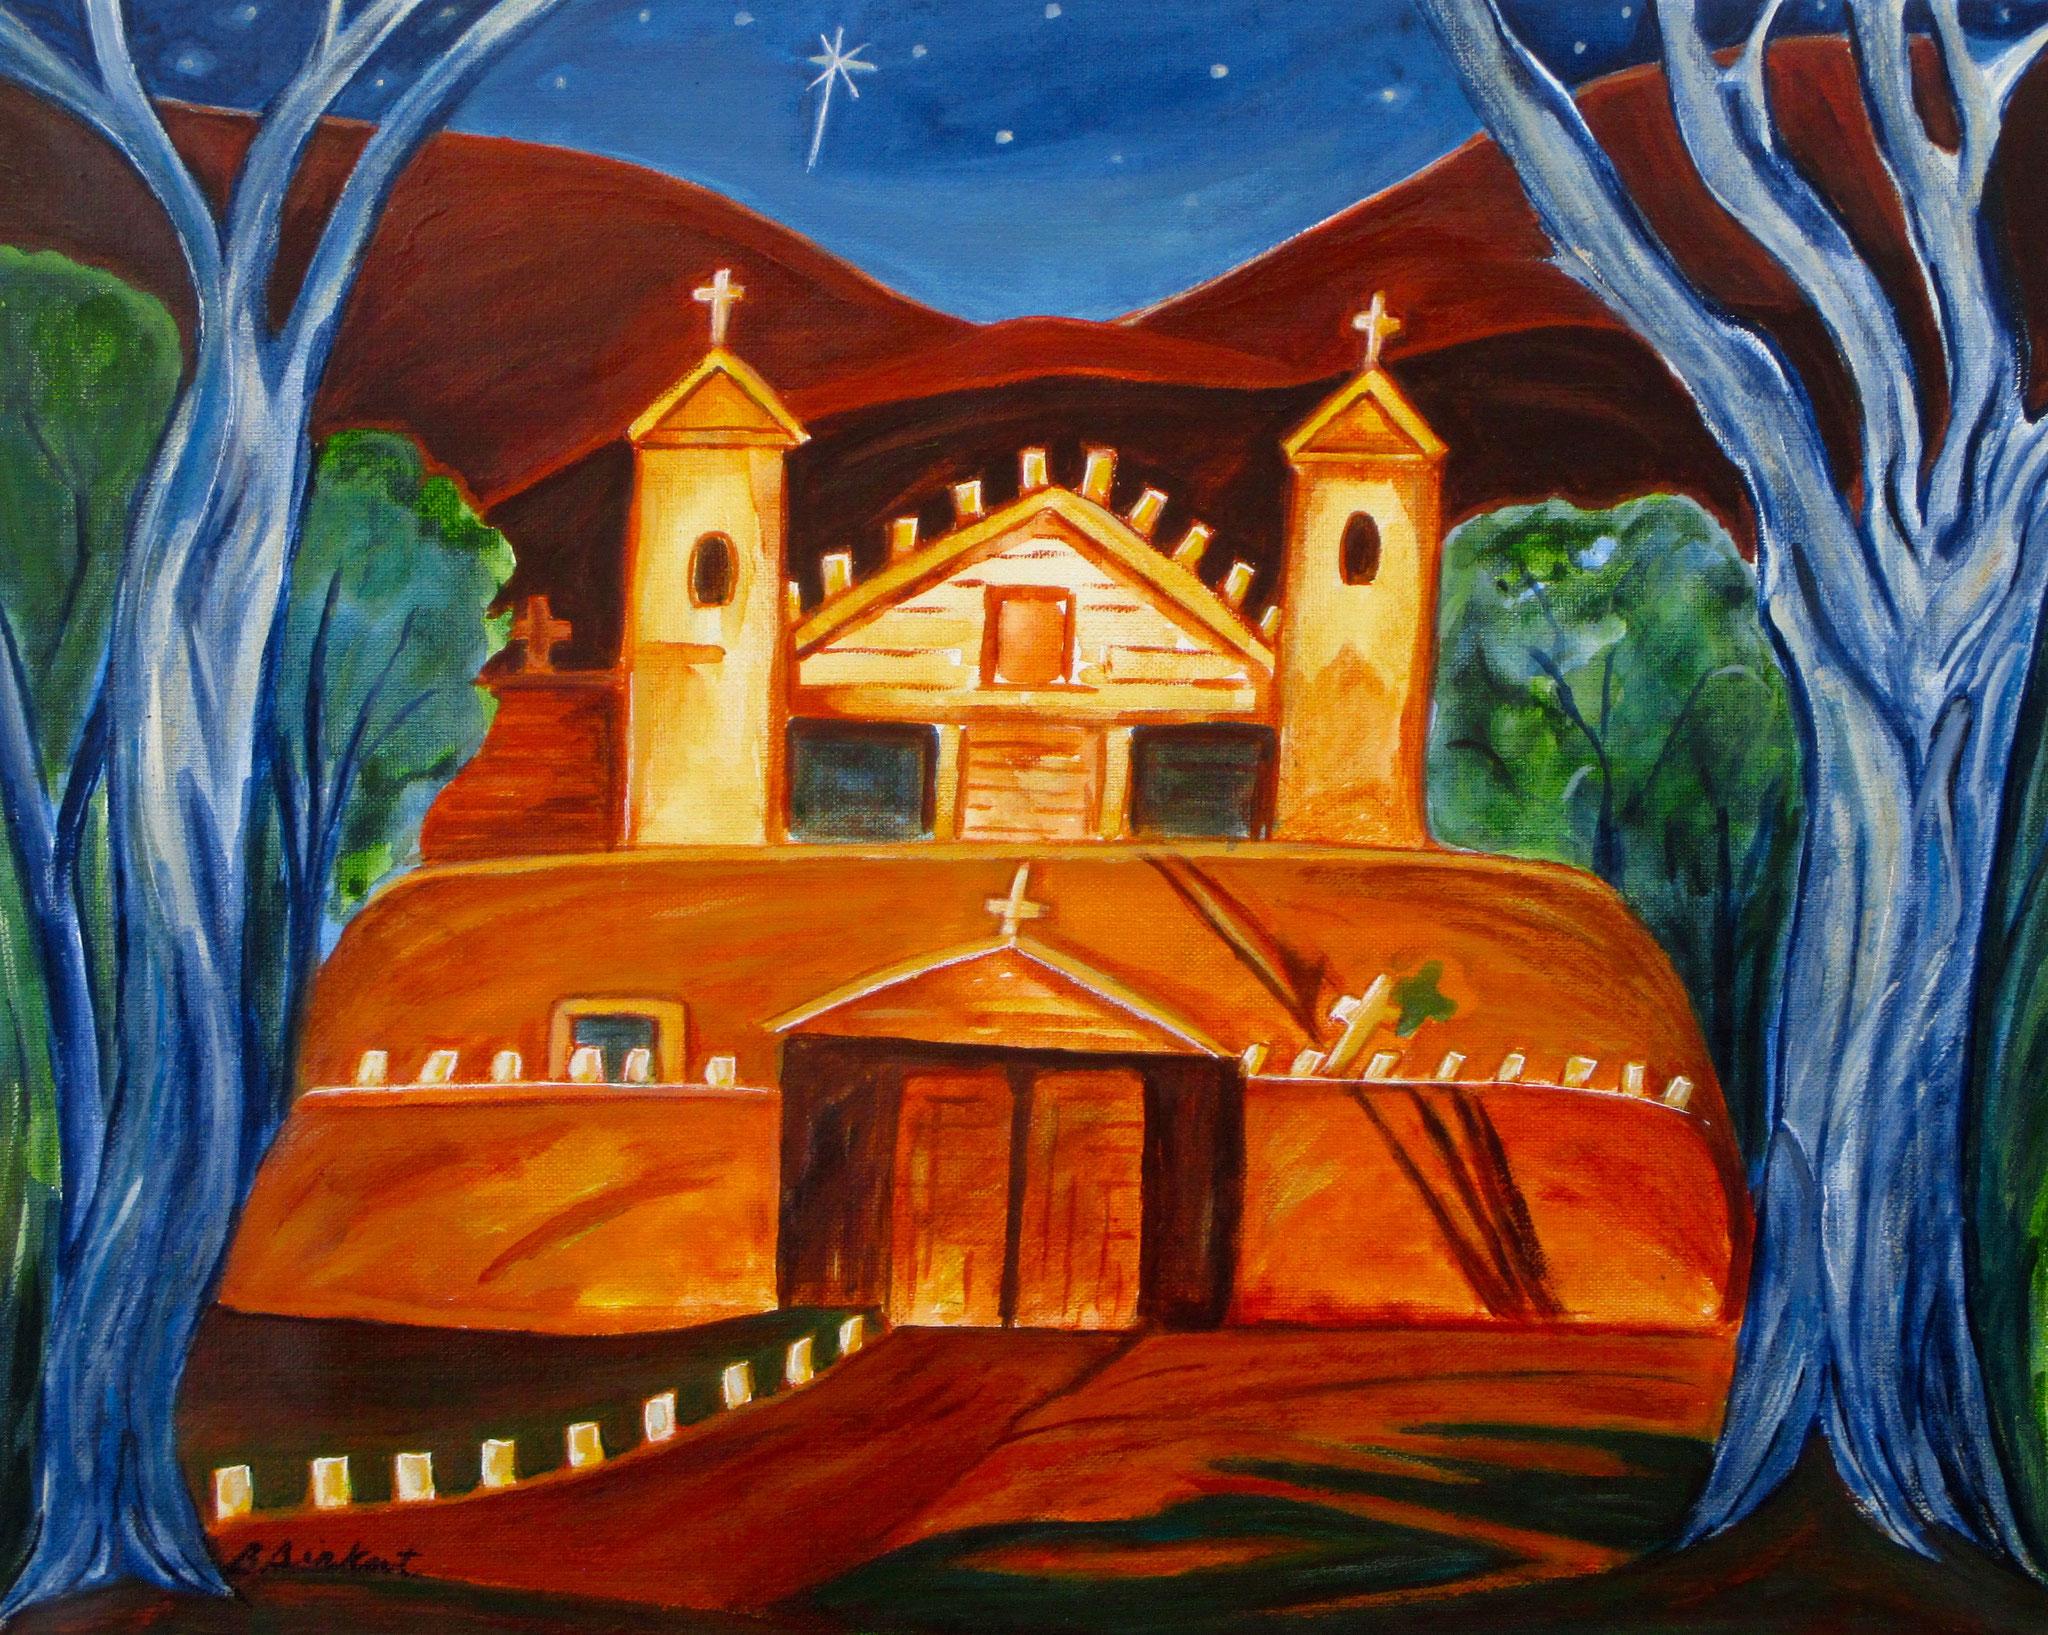 El Sanctuario, acrylic on canvas, 16 x 20 SOLD